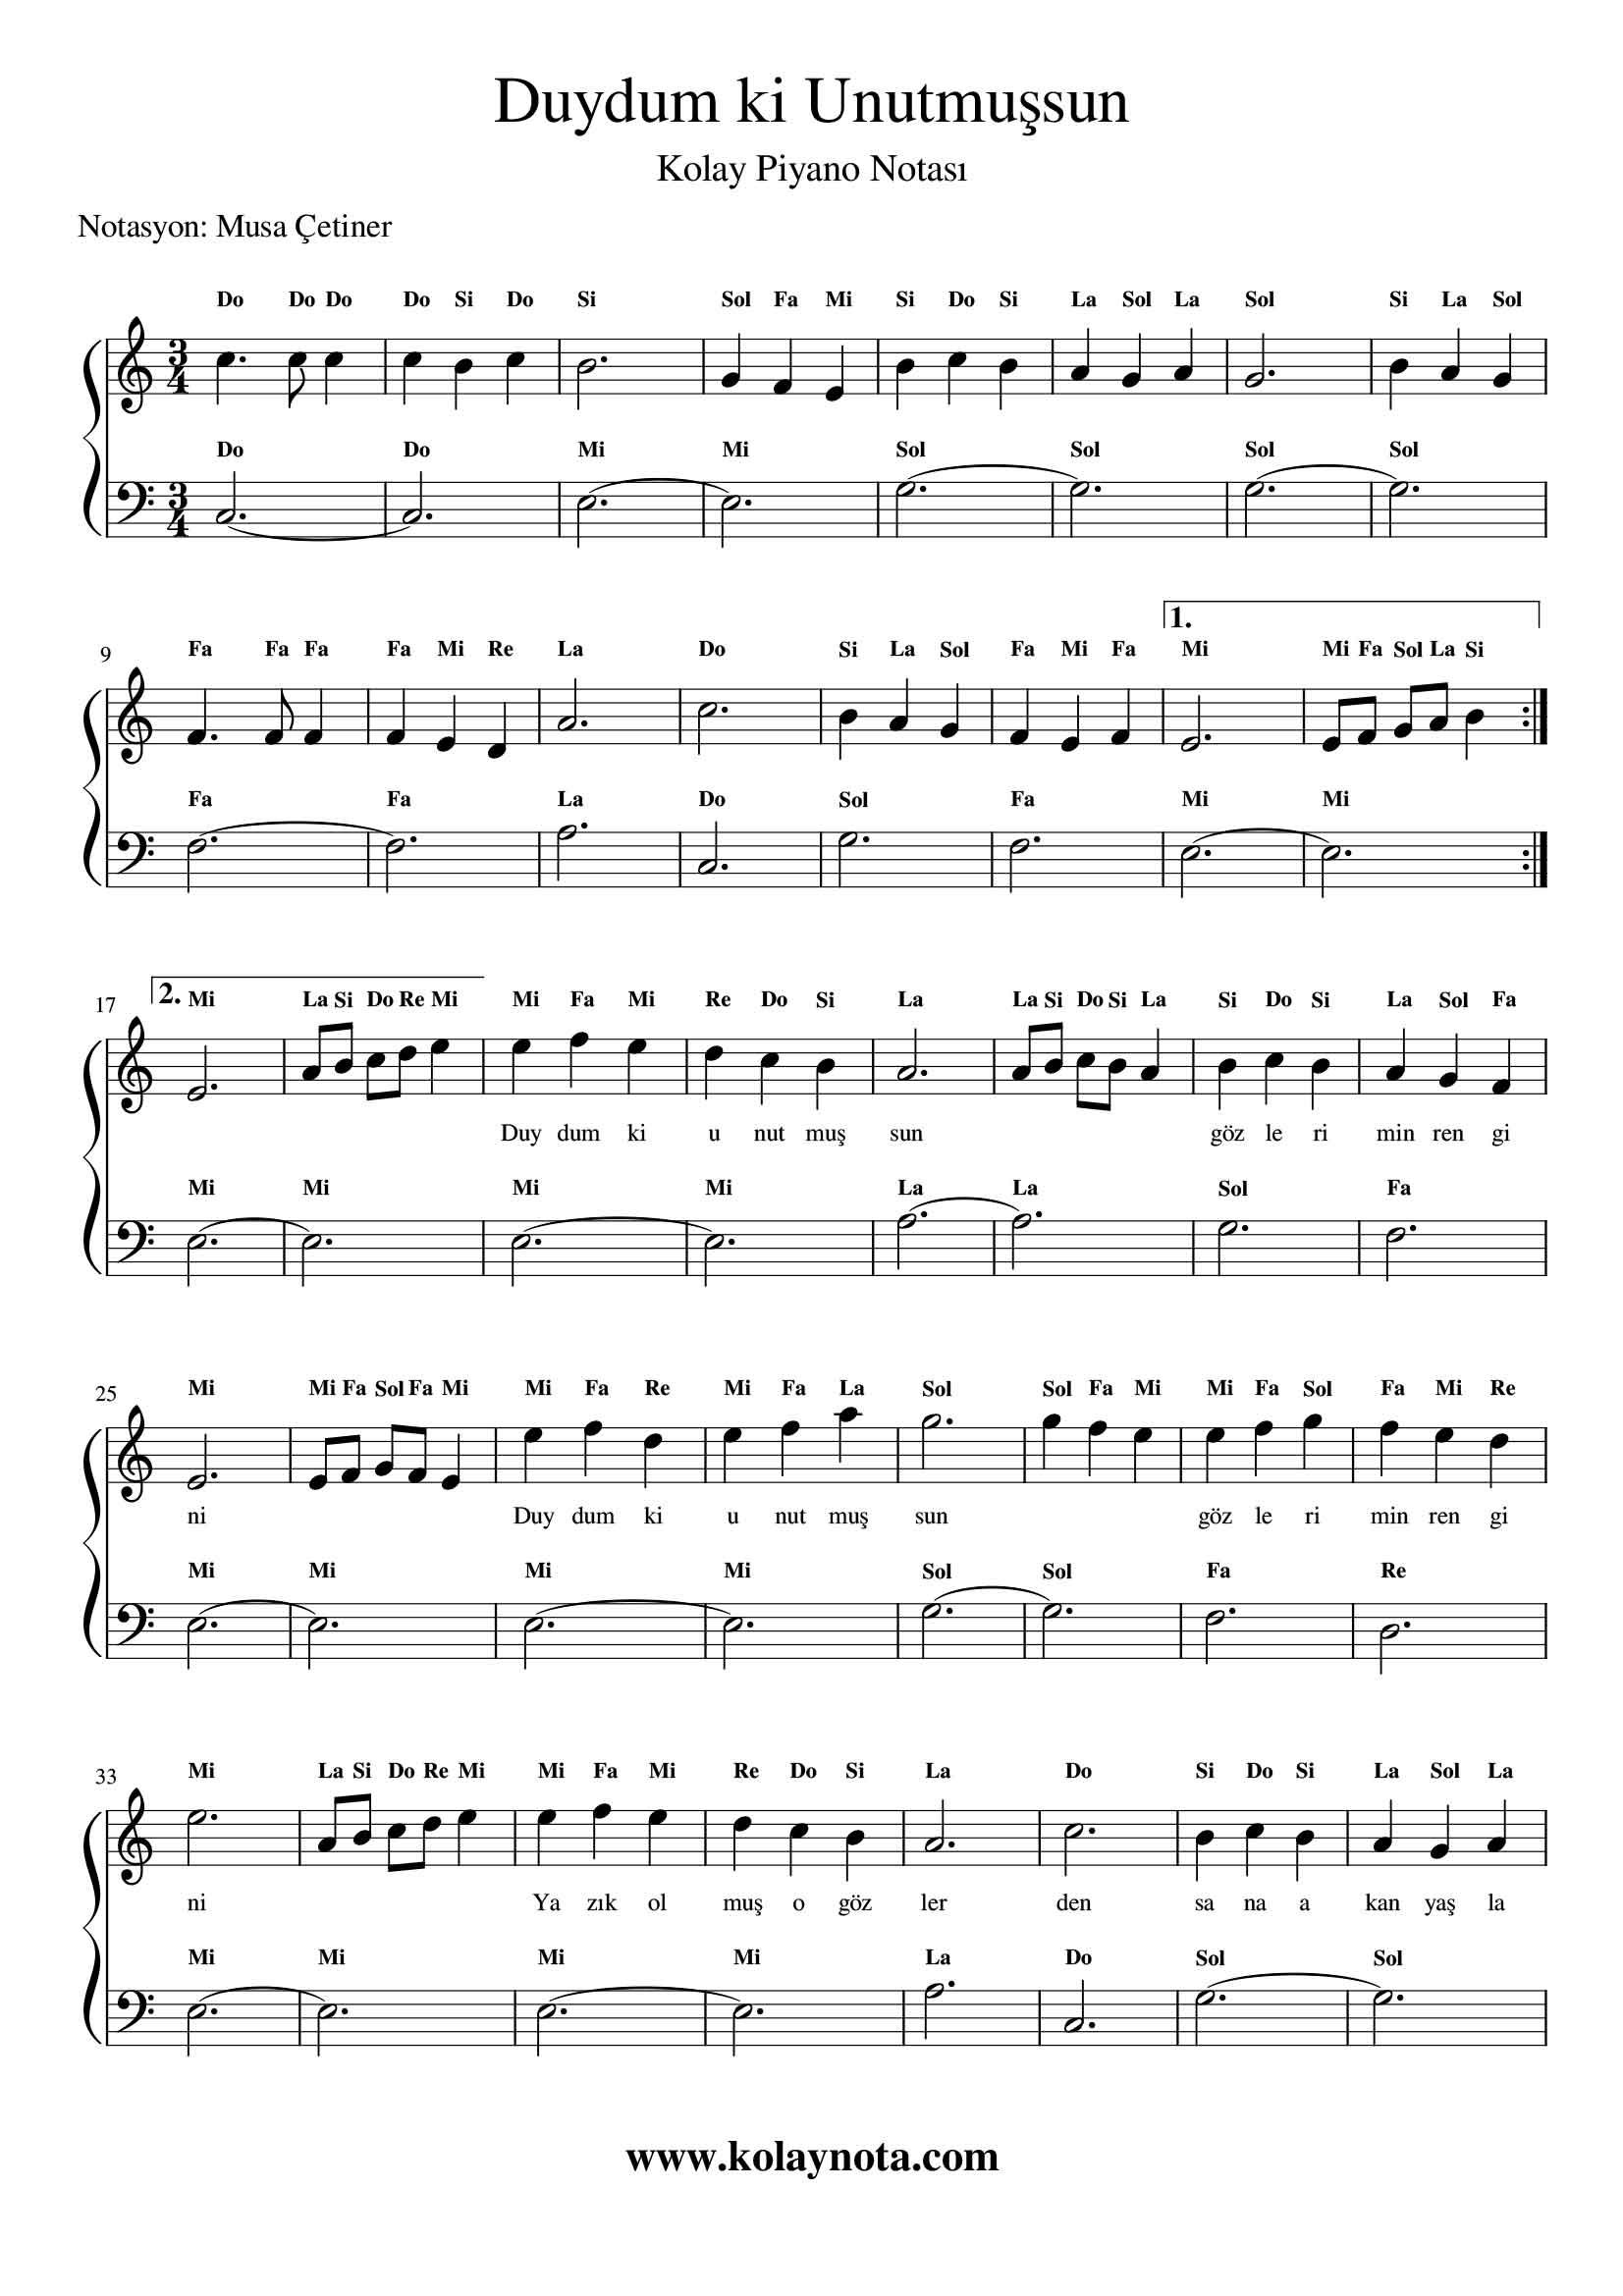 Duydum Ki Unutmussun Kolay Piyano Notasi Piyano Piyano Muzigi Notalara Dokulmus Muzik